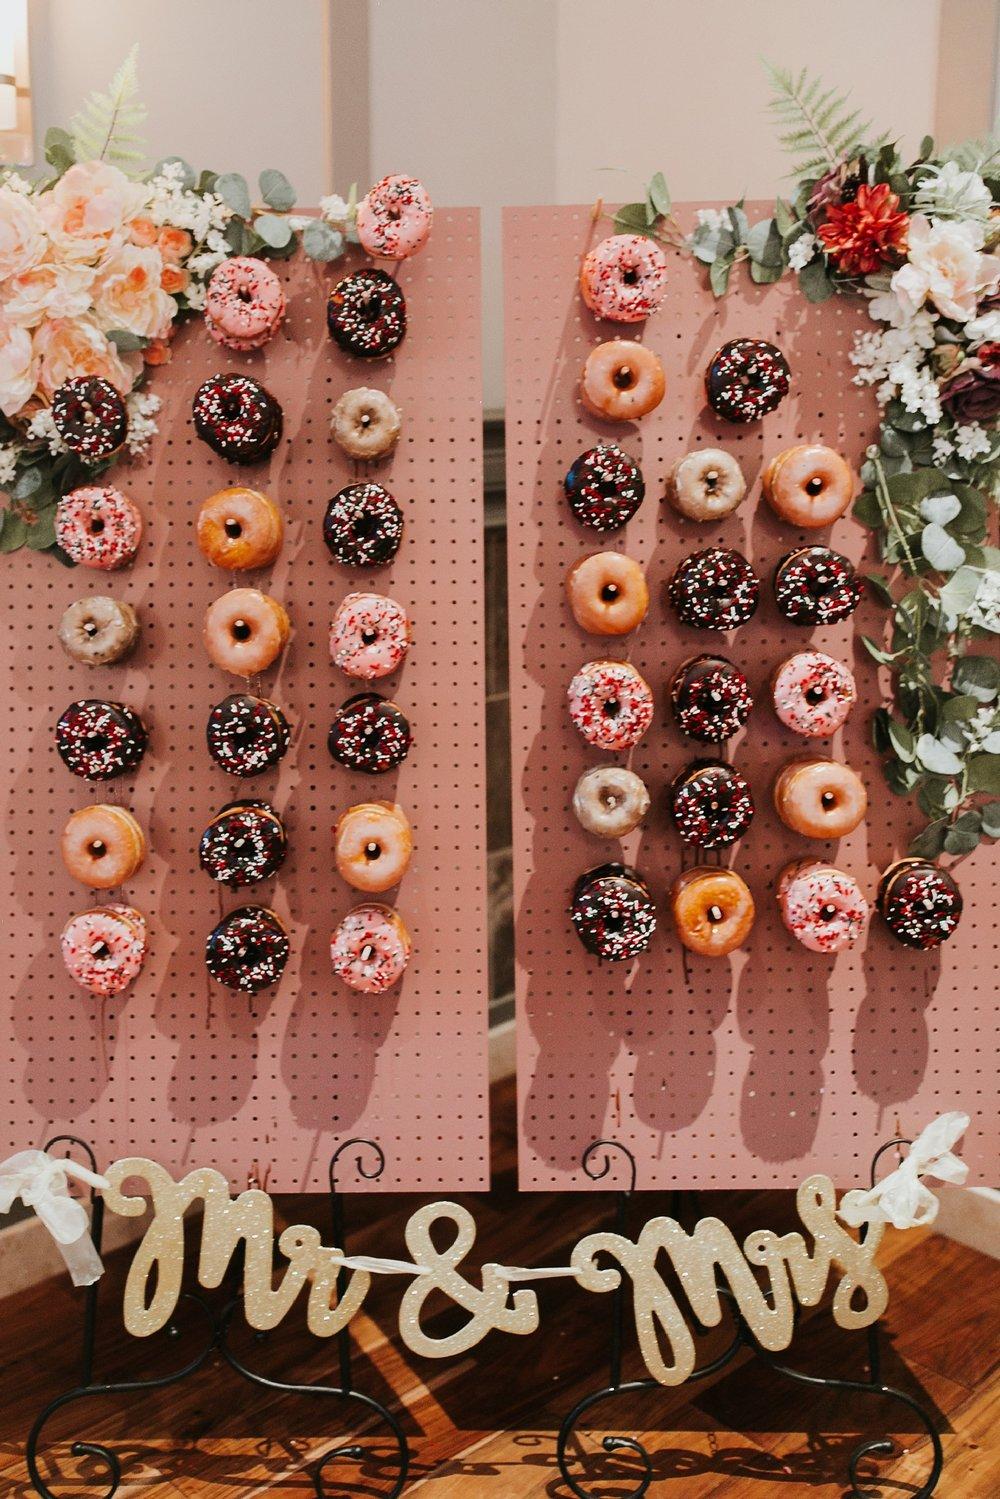 Alicia+lucia+photography+-+albuquerque+wedding+photographer+-+santa+fe+wedding+photography+-+new+mexico+wedding+photographer+-+new+mexico+wedding+-+wedding+-+winter+wedding+-+wedding+reception+-+winter+wedding+reception_0105.jpg